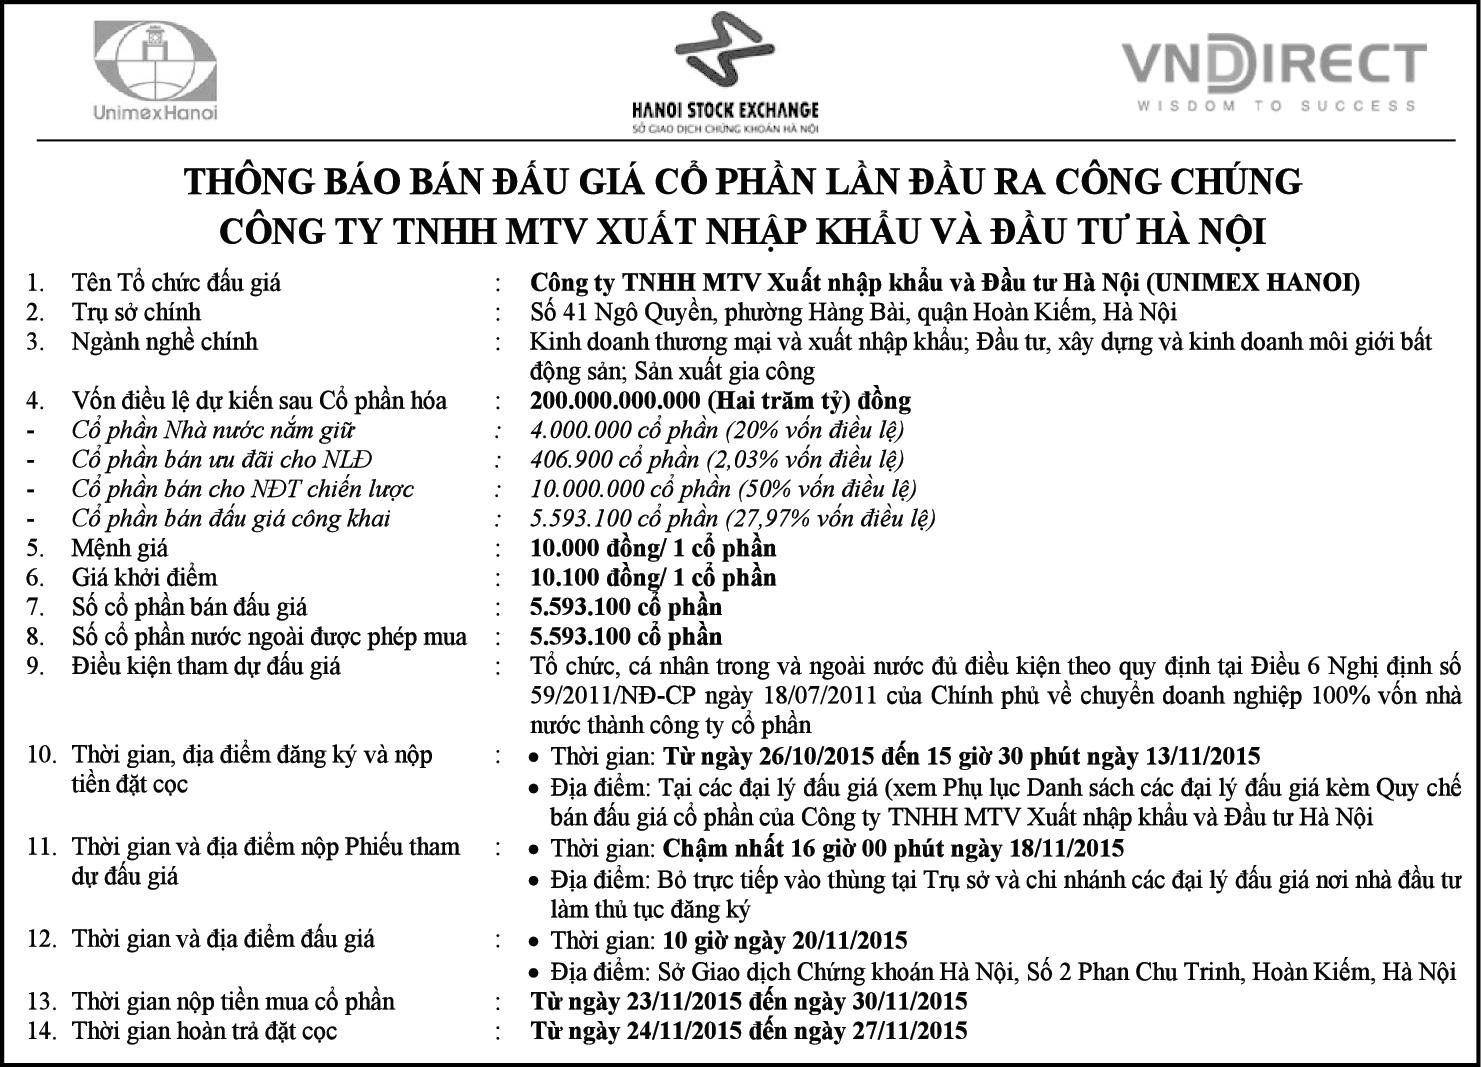 Noi_dung_dang_bao_ban_dau_gia_co_phan_Cty_UnimexHanoi